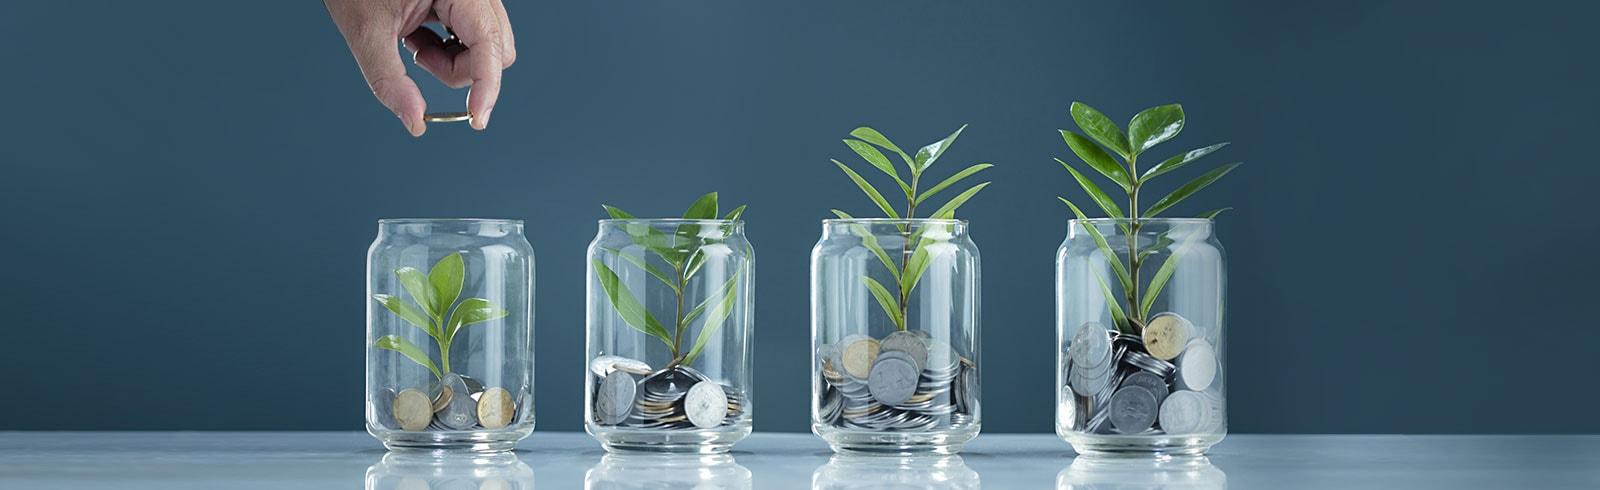 Save your savings